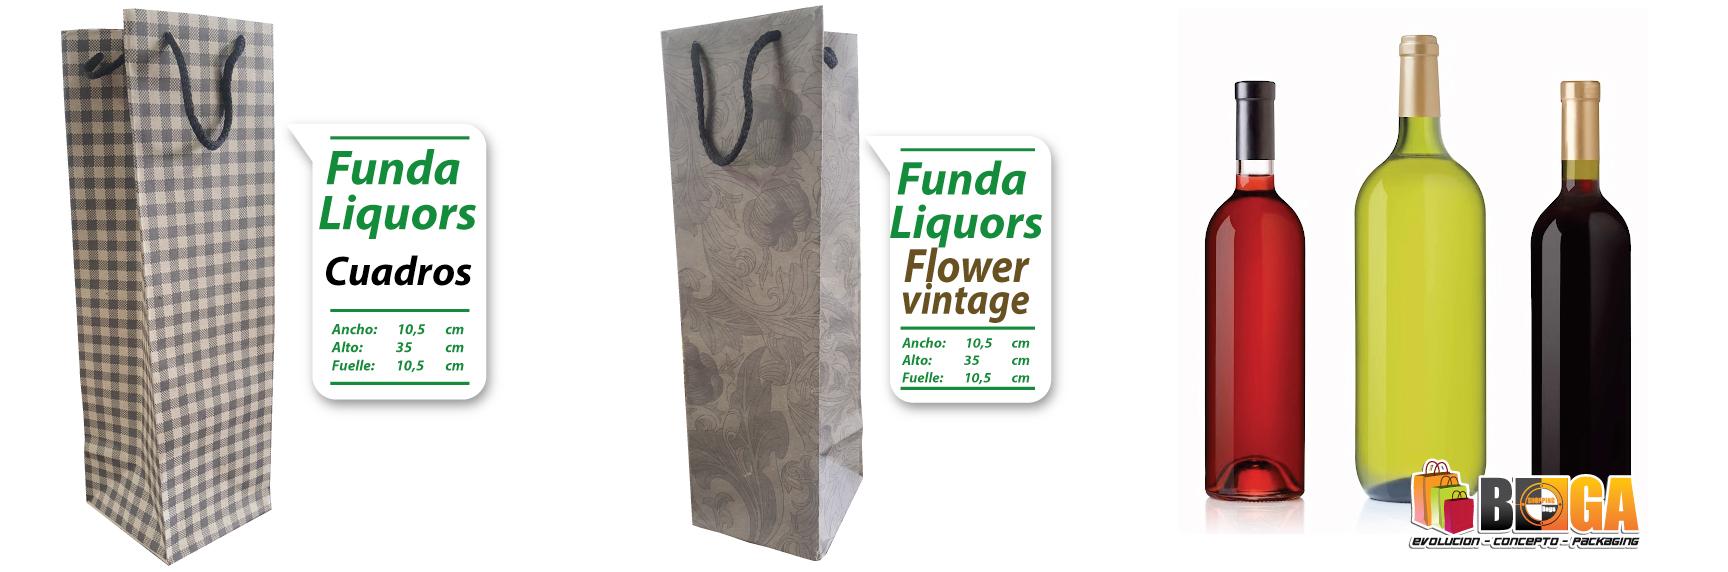 paper-bag-liquors-funda-para-botella-funda-de-papel-para-botella-boga-empaques-ecologicos-fundas-de-papel-quito-ecuador-fundas_03